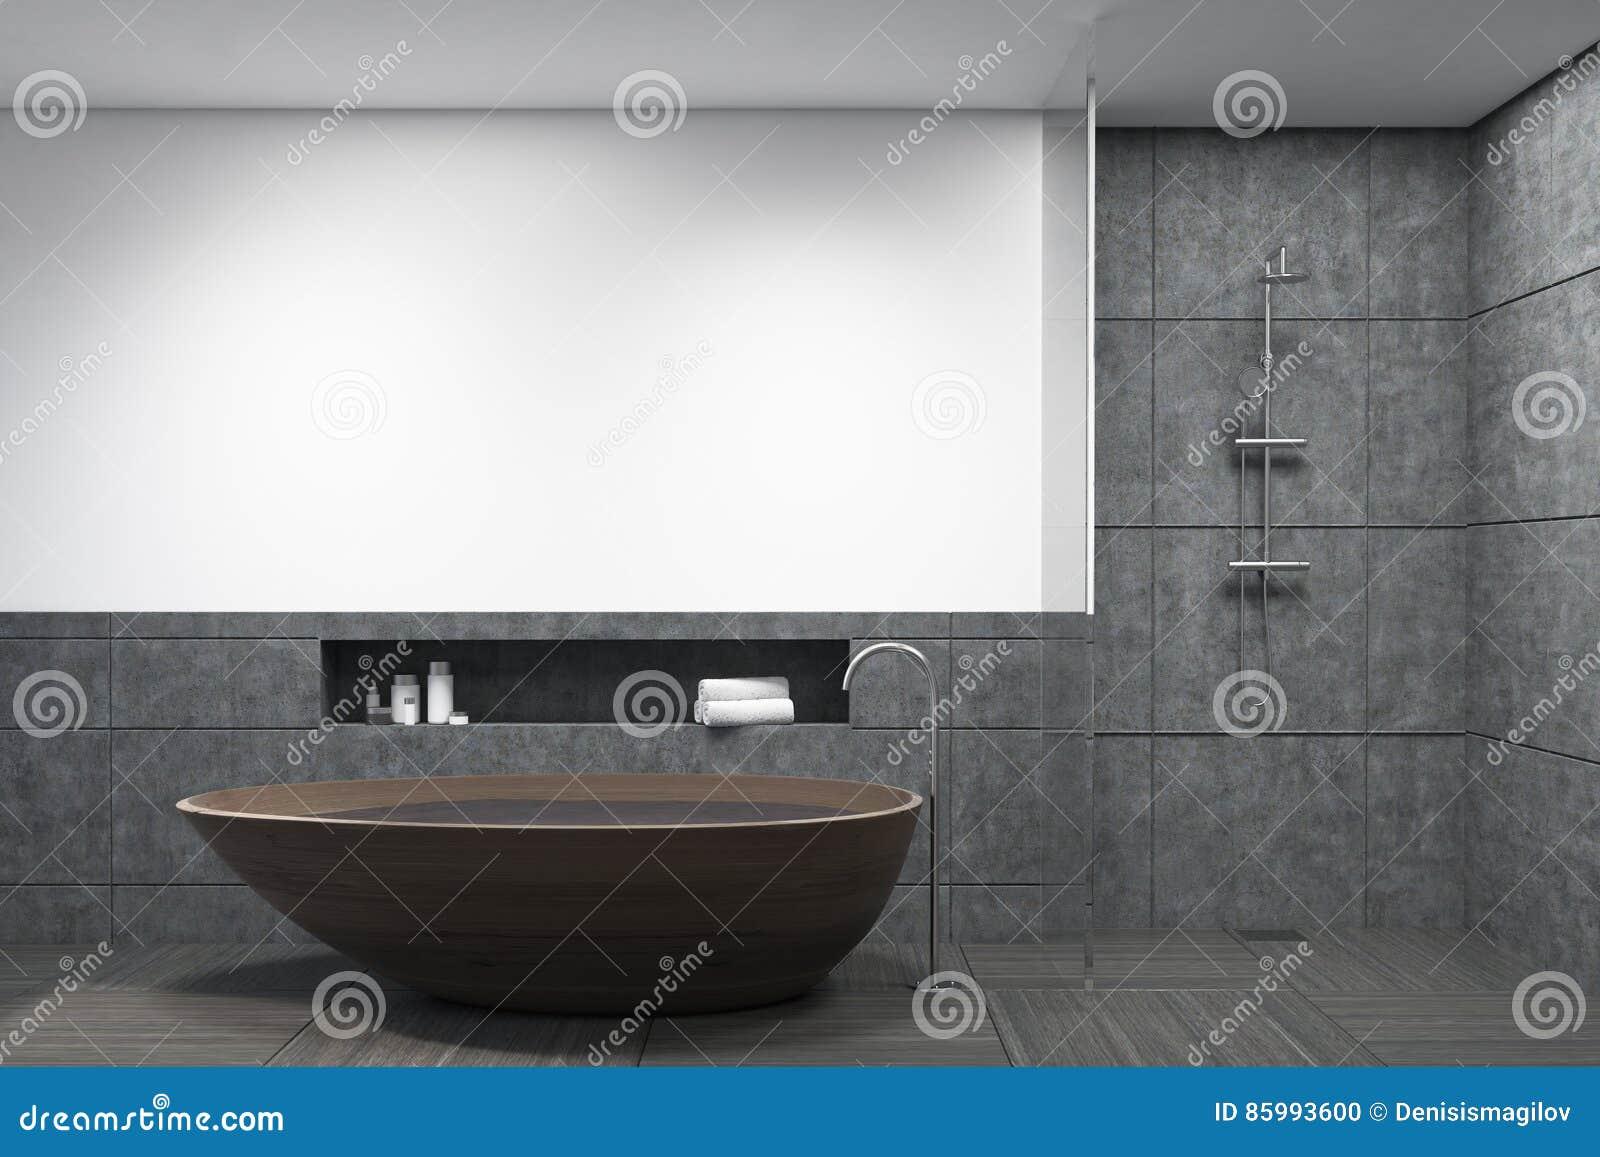 Salle De Bain Foncee ~ salle de bains avec le baquet en bois fonc illustration stock